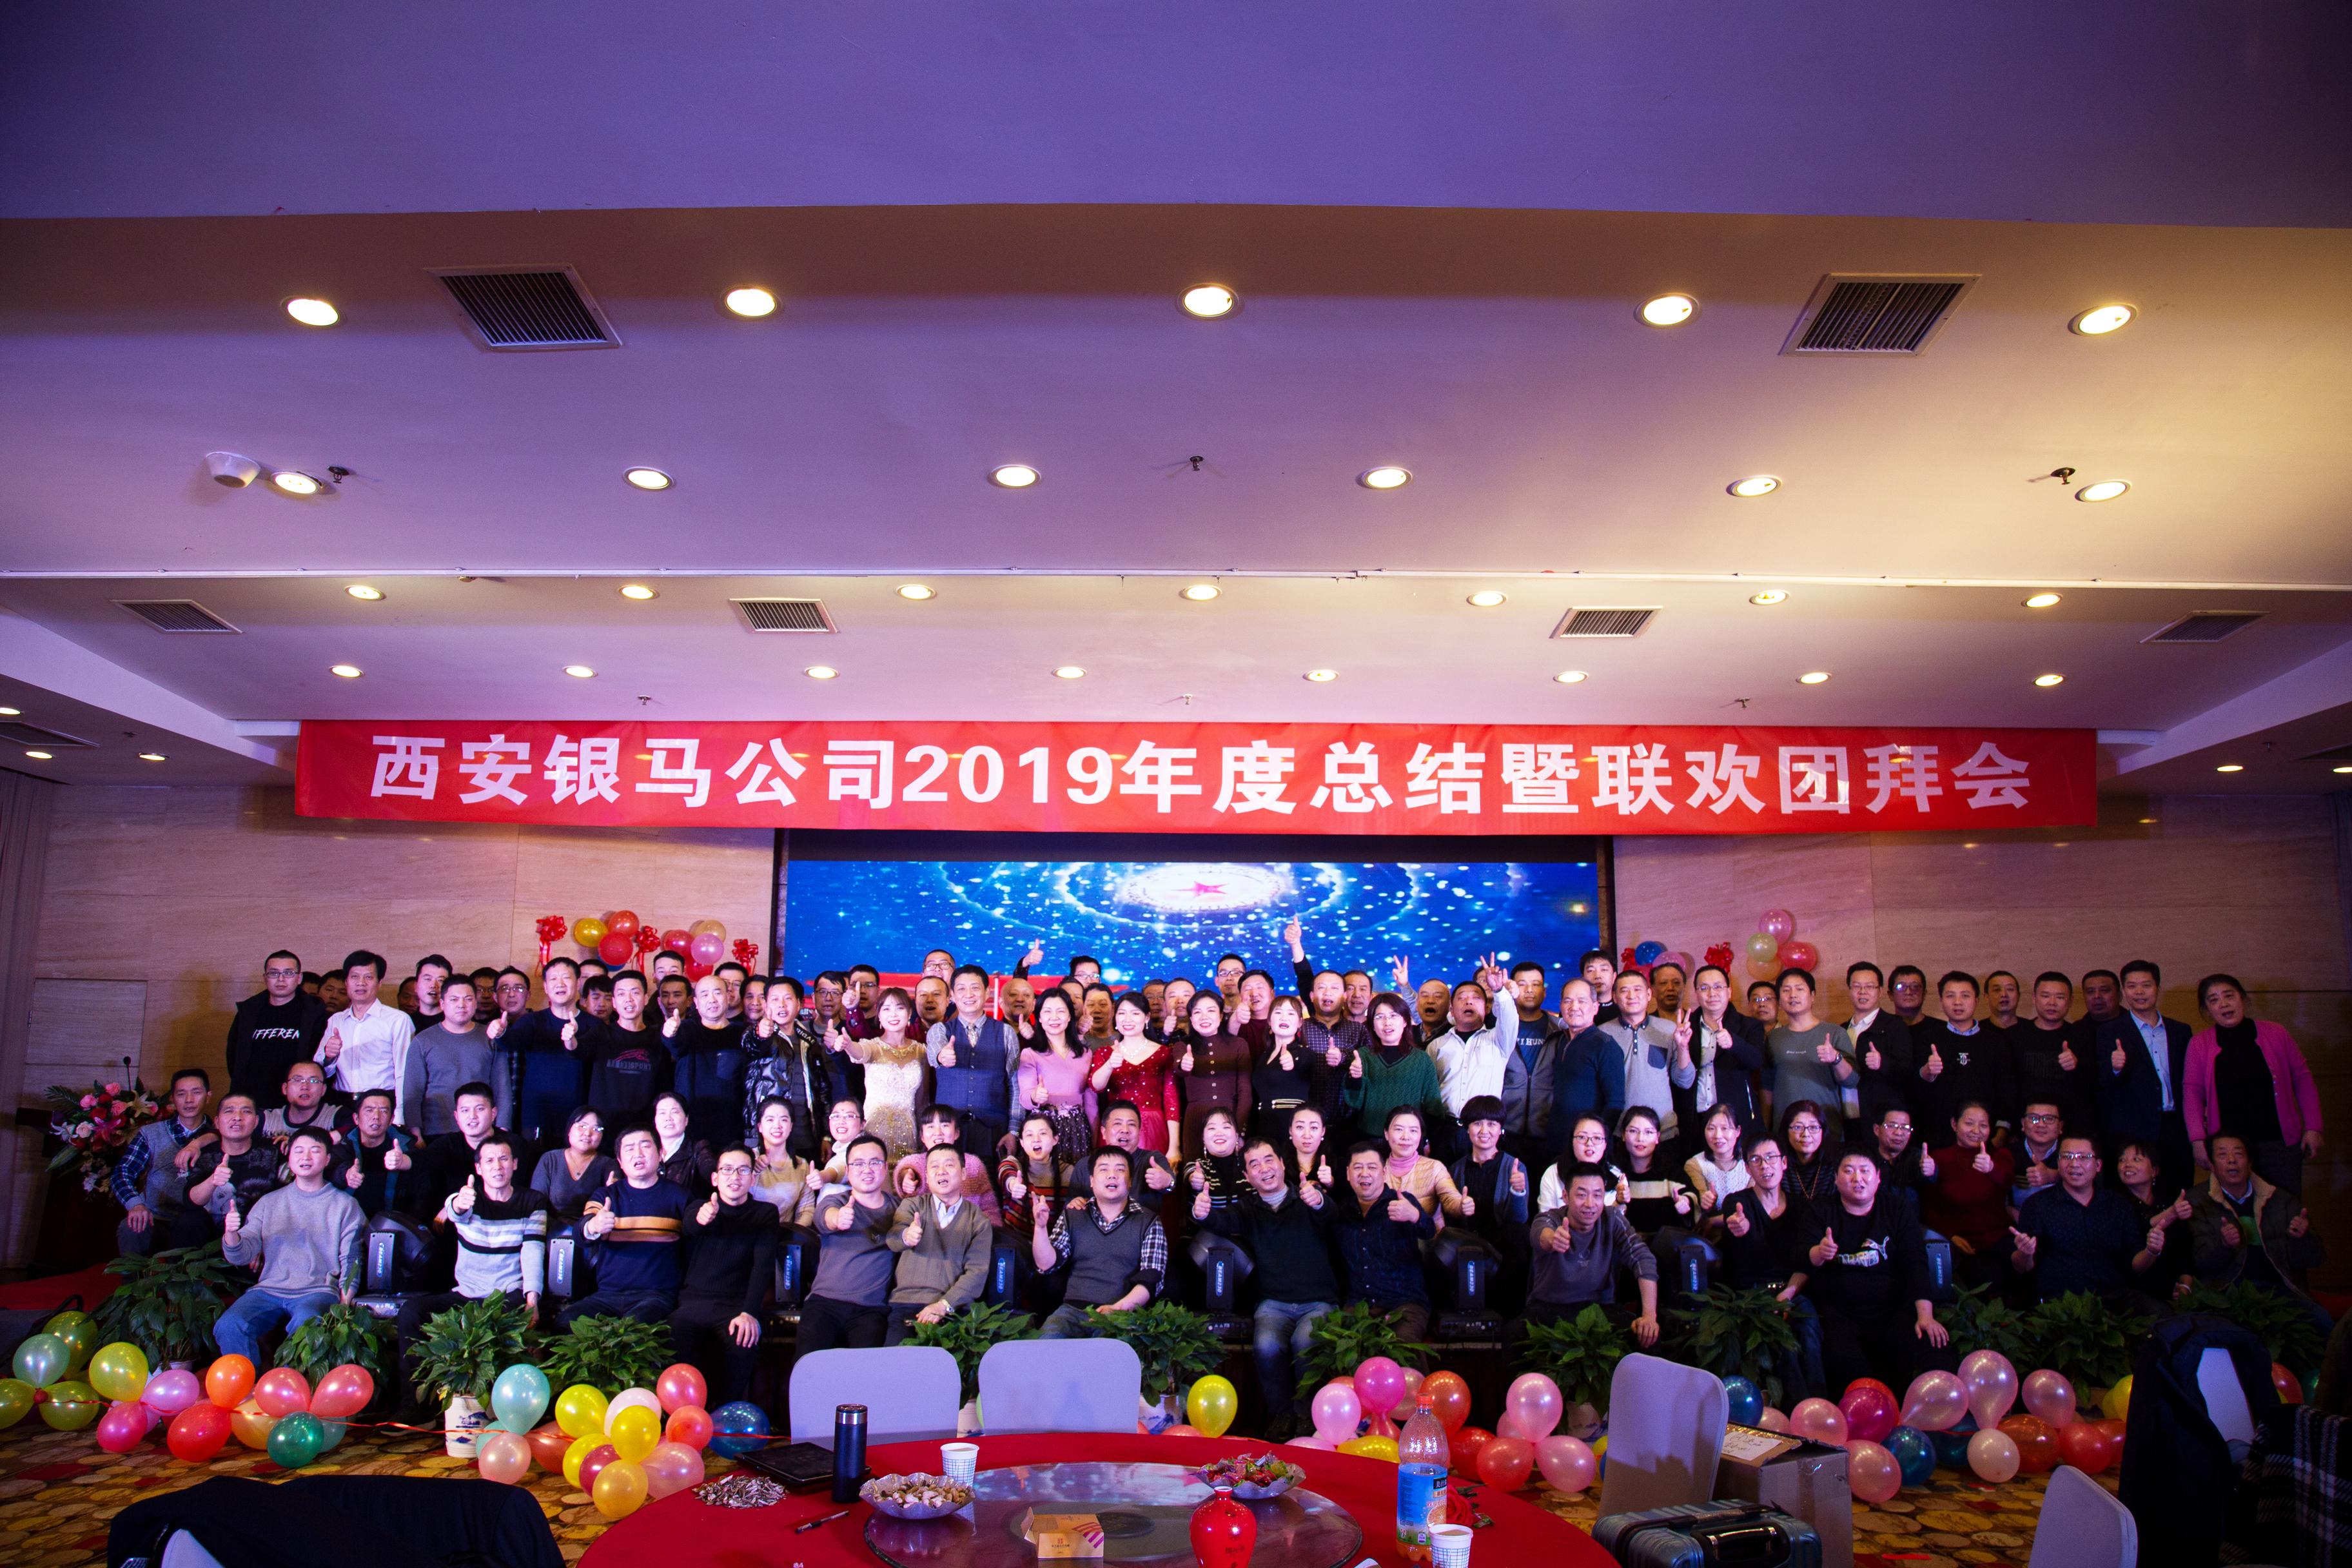 西安银马砖机公司2019年年会大合影